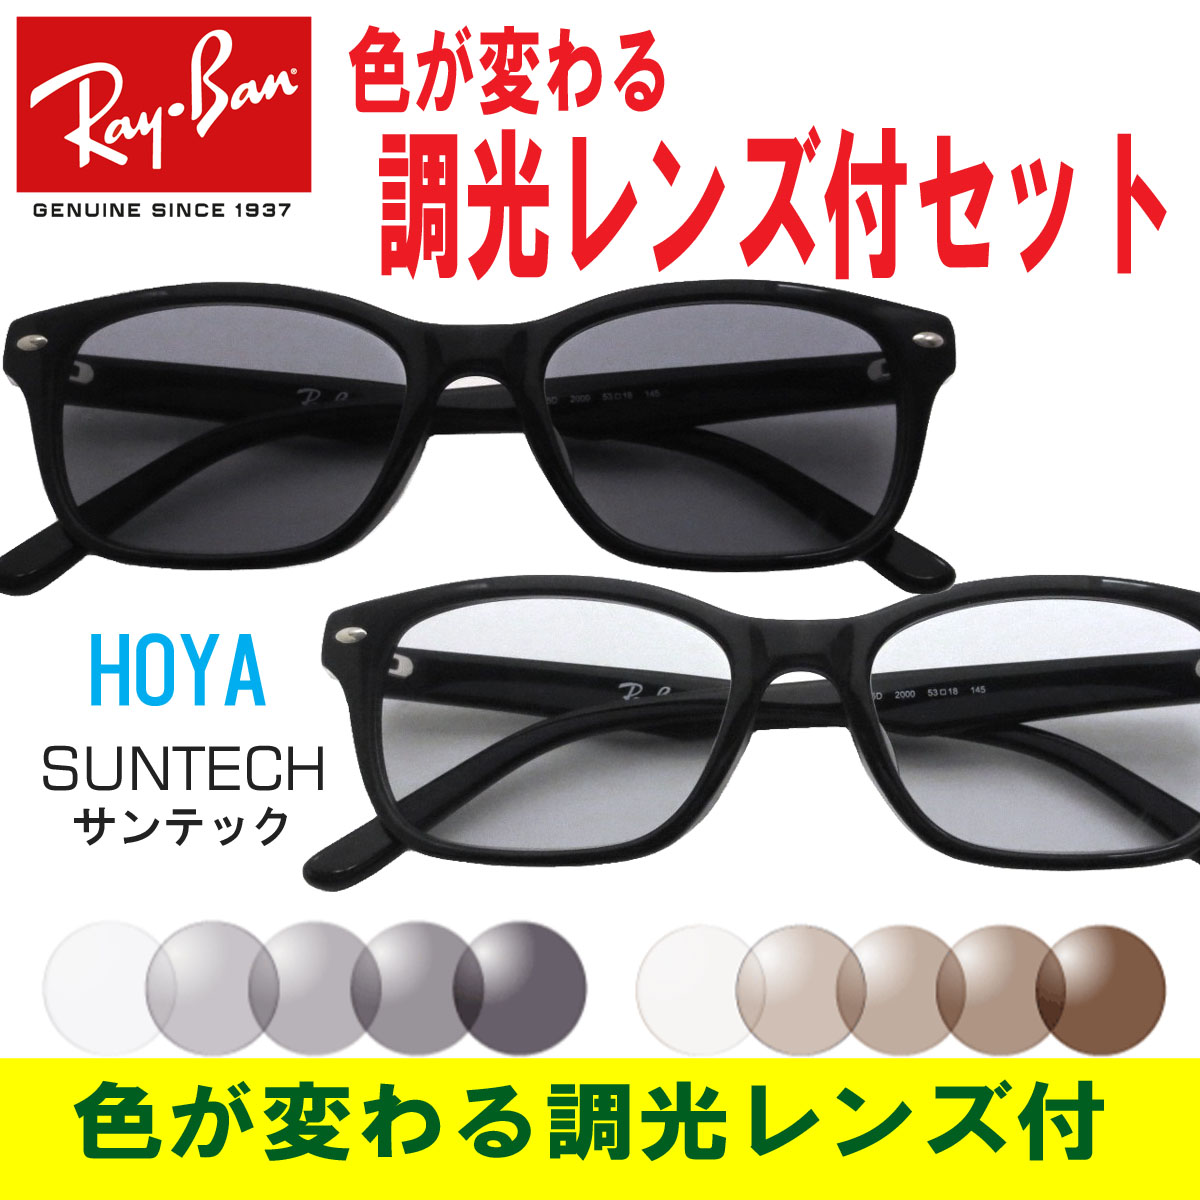 【UVカット超撥水コート付高機能HOYAレンズ込価格(紫外線カット】大人気モデルの調光サングラス アイマックスオリジナルセットHOYASUNTECH レイバン メガネ メガネフレーム 伊達メガネ 眼鏡 Ray-Ban RX5345D 2000(53)【色が変わる調光レンズ付 HOYA サンテック調光メガネセット】(調光メガネ 調光レンズセット)大人気のクロセルフレーム RX5109に近いデザイン